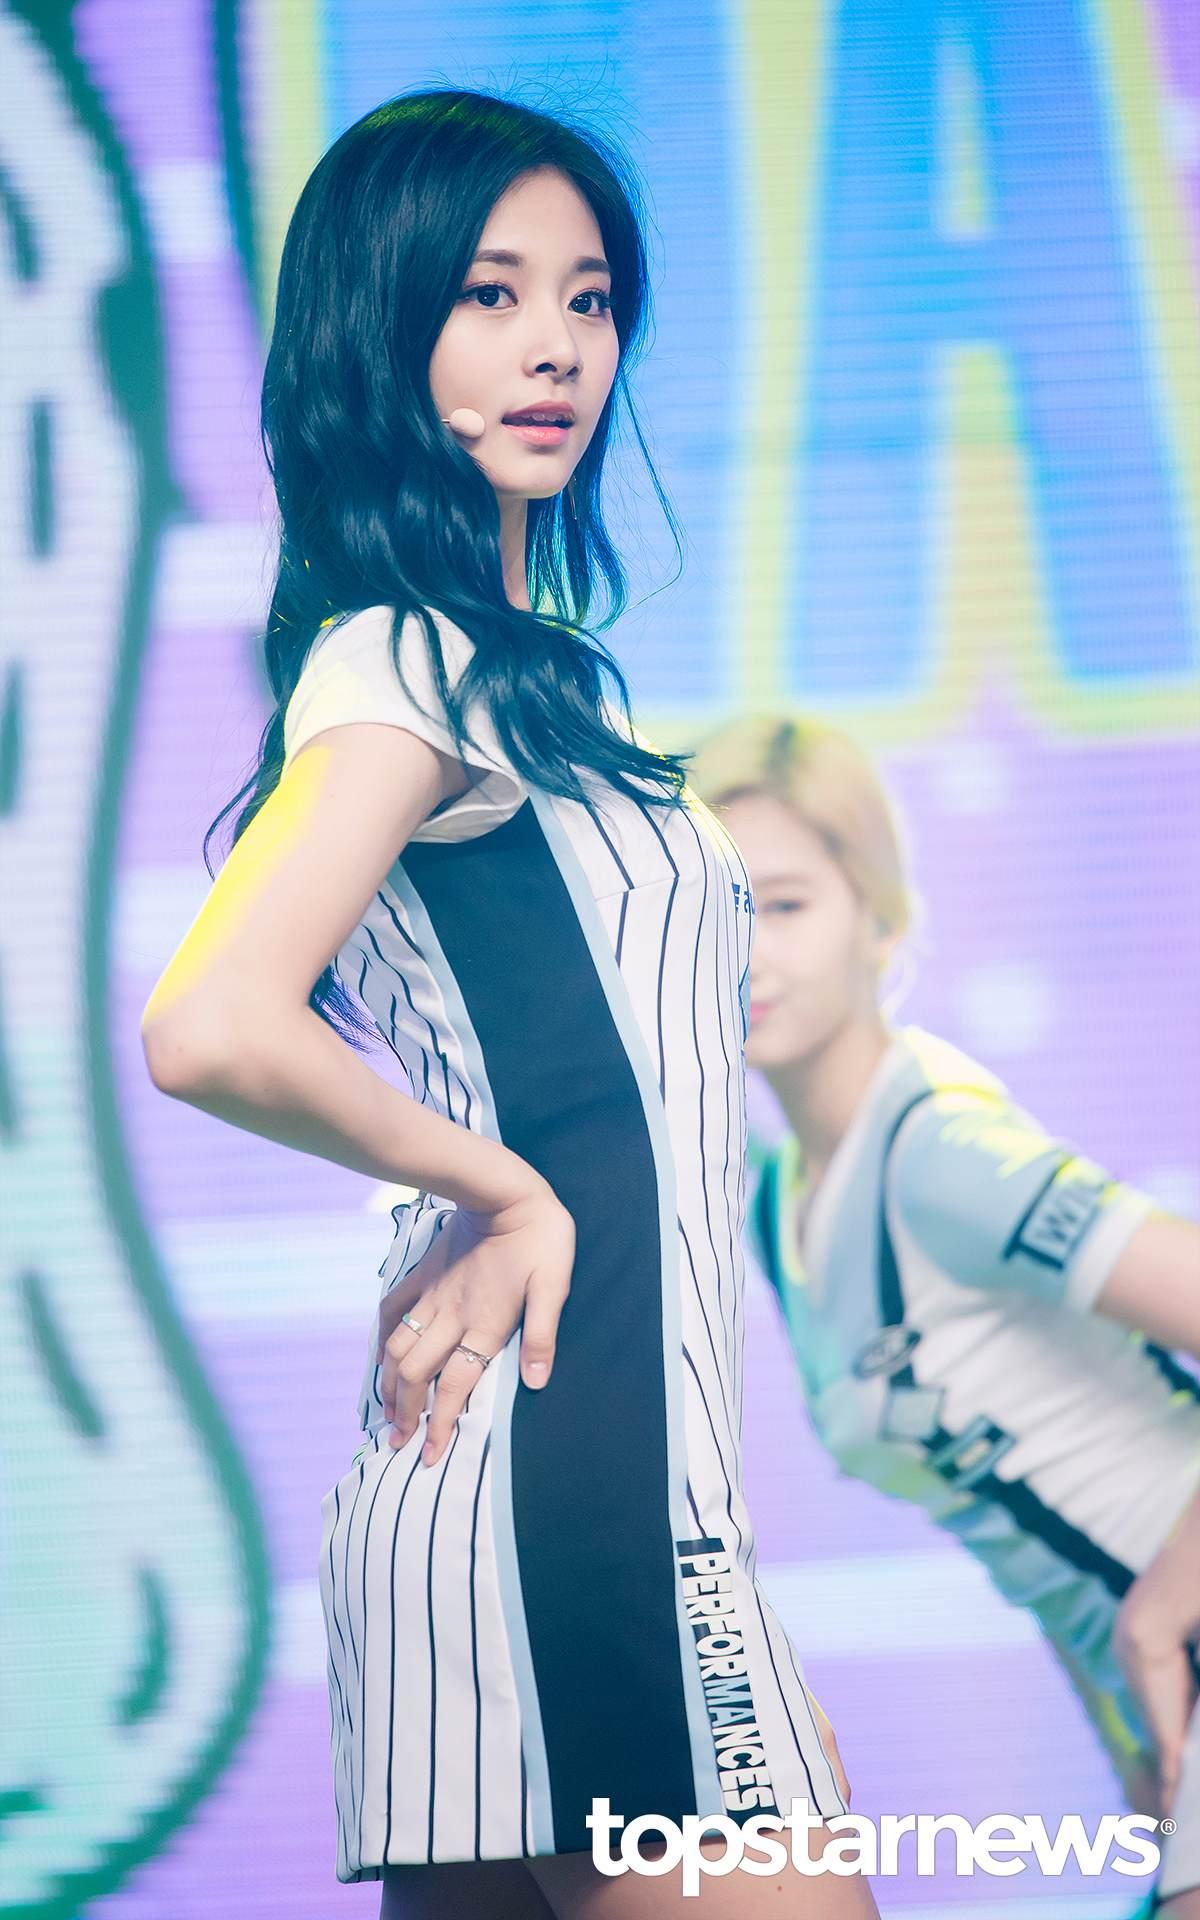 像是前陣子韓國網友讚美子瑜的外貌,稱讚子瑜根本擁有了「國寶級的外貌」!